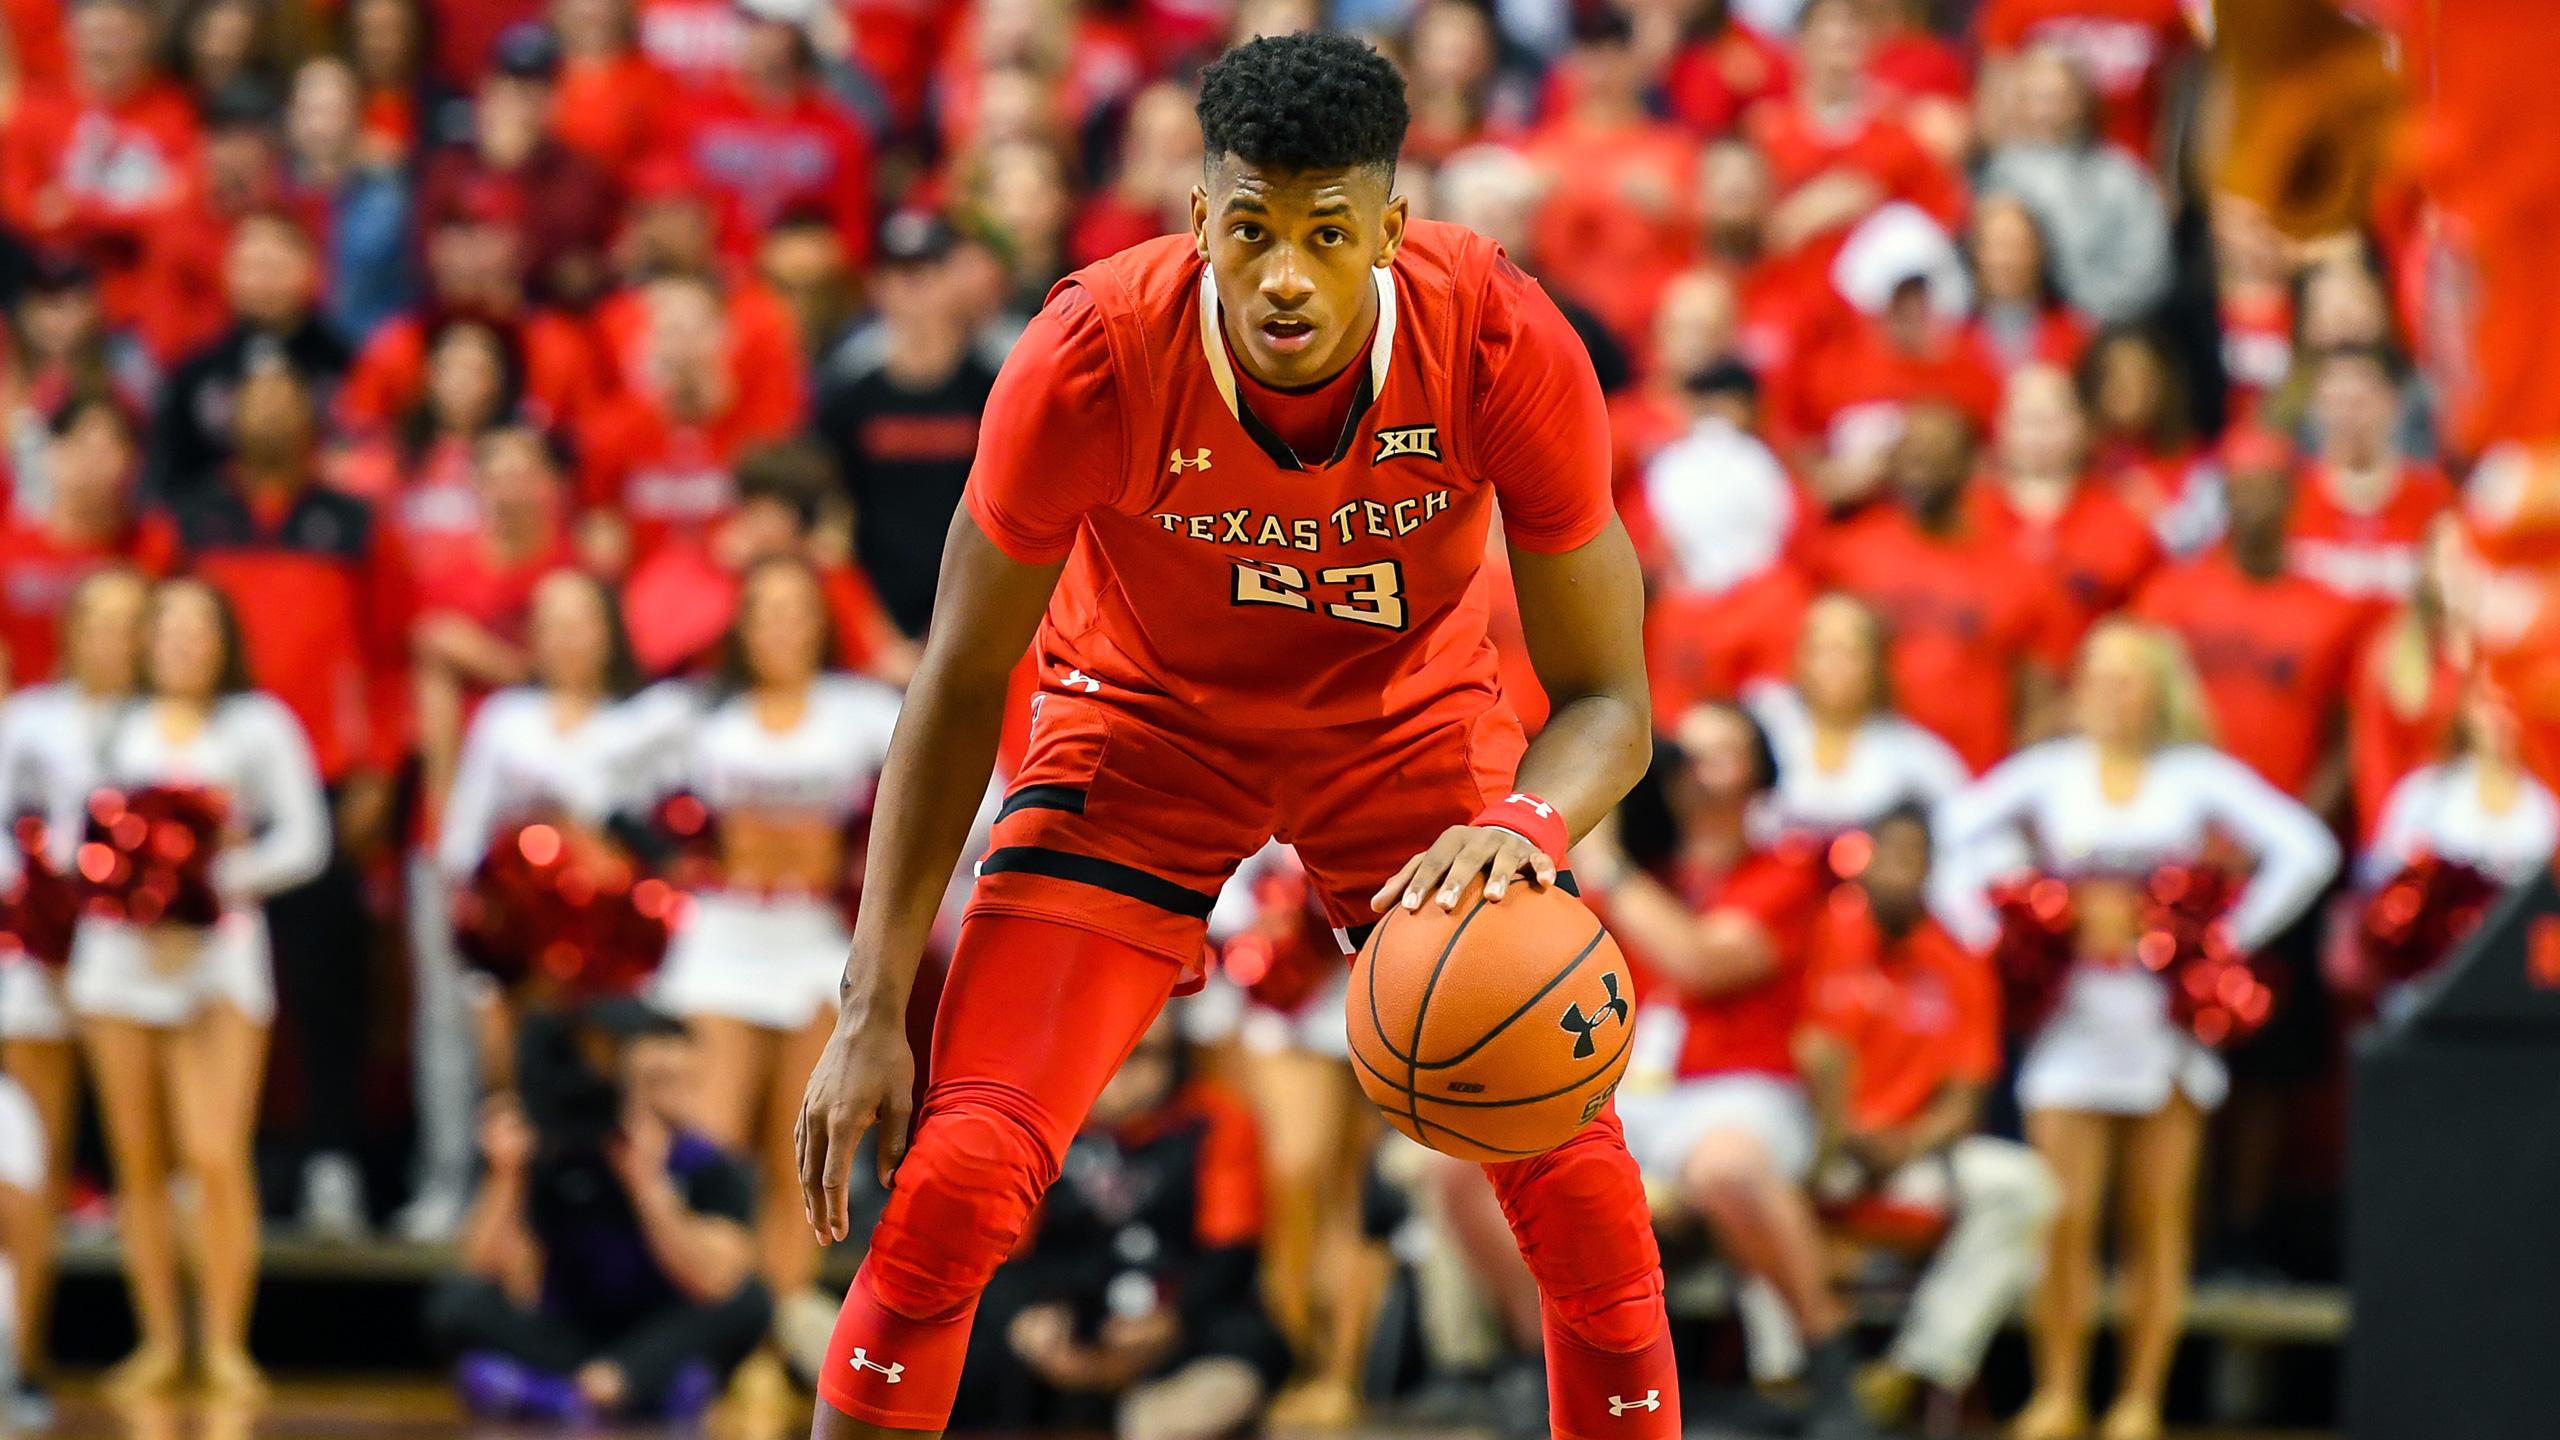 Baylor vs. #15 Texas Tech (M Basketball)